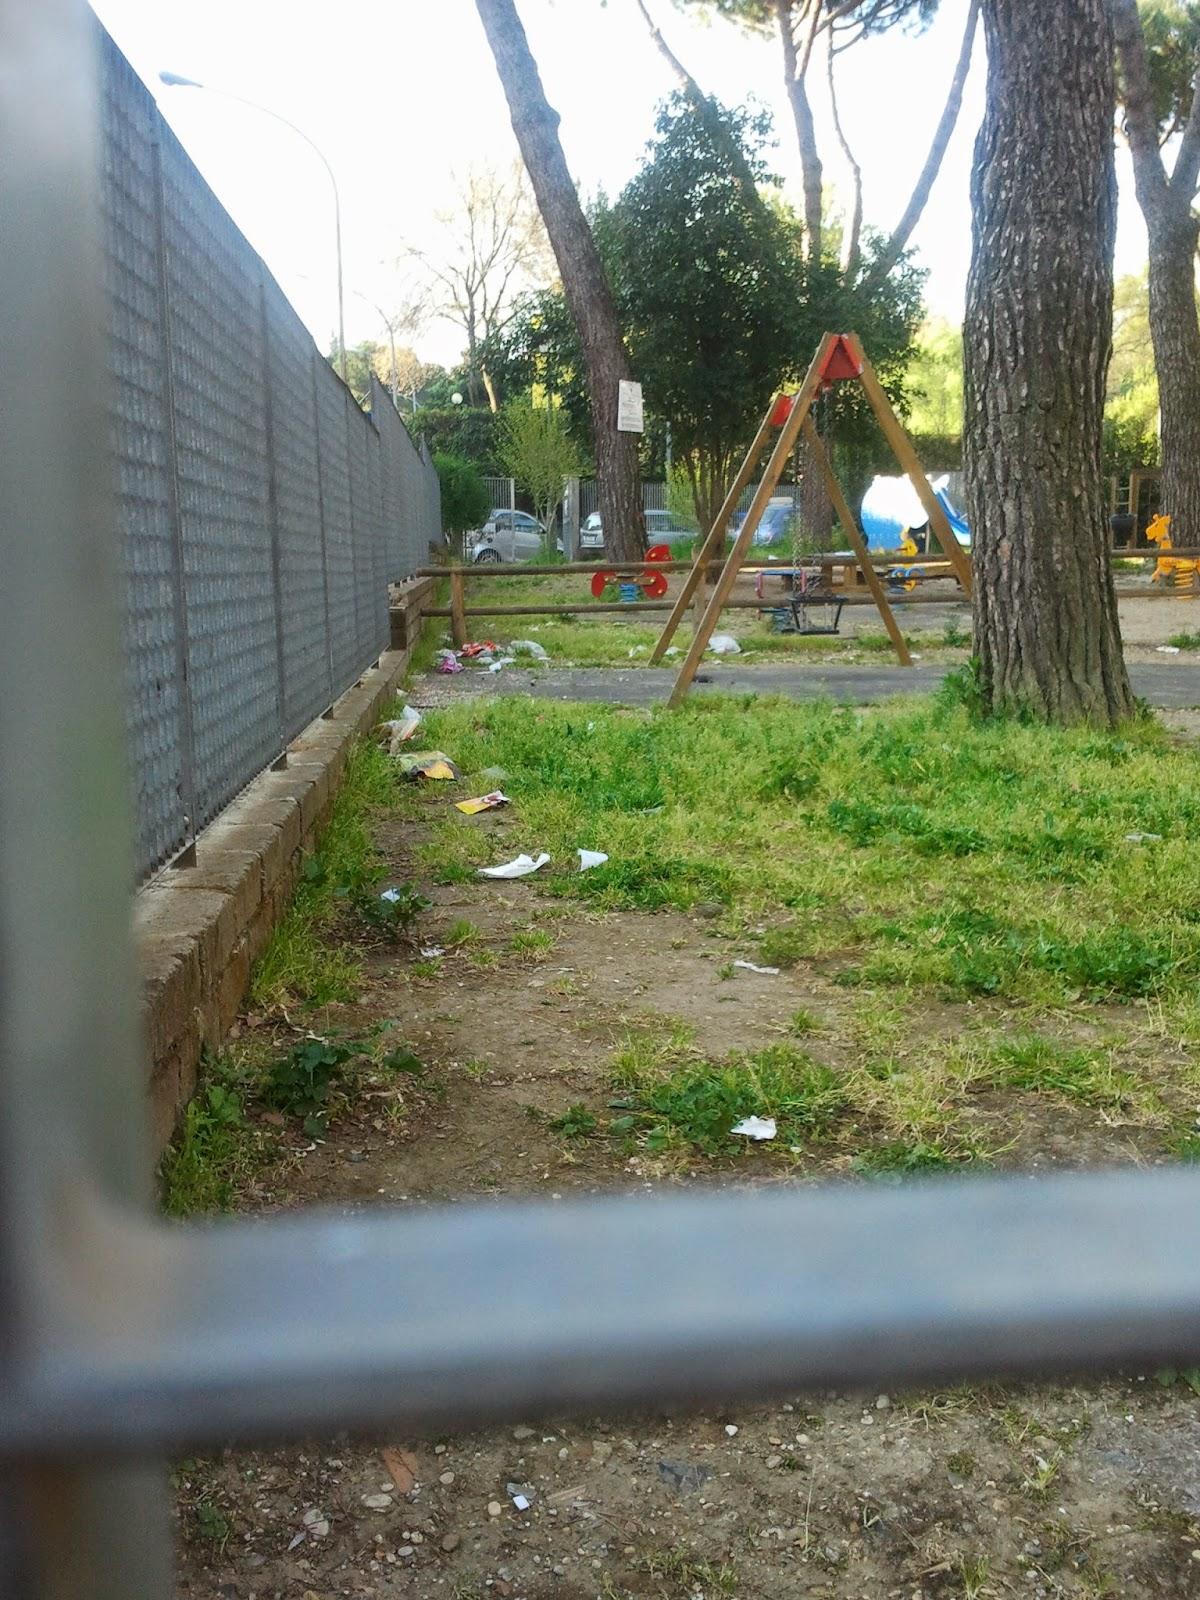 giardinett di giorno i bimbi di notte i senza tetto